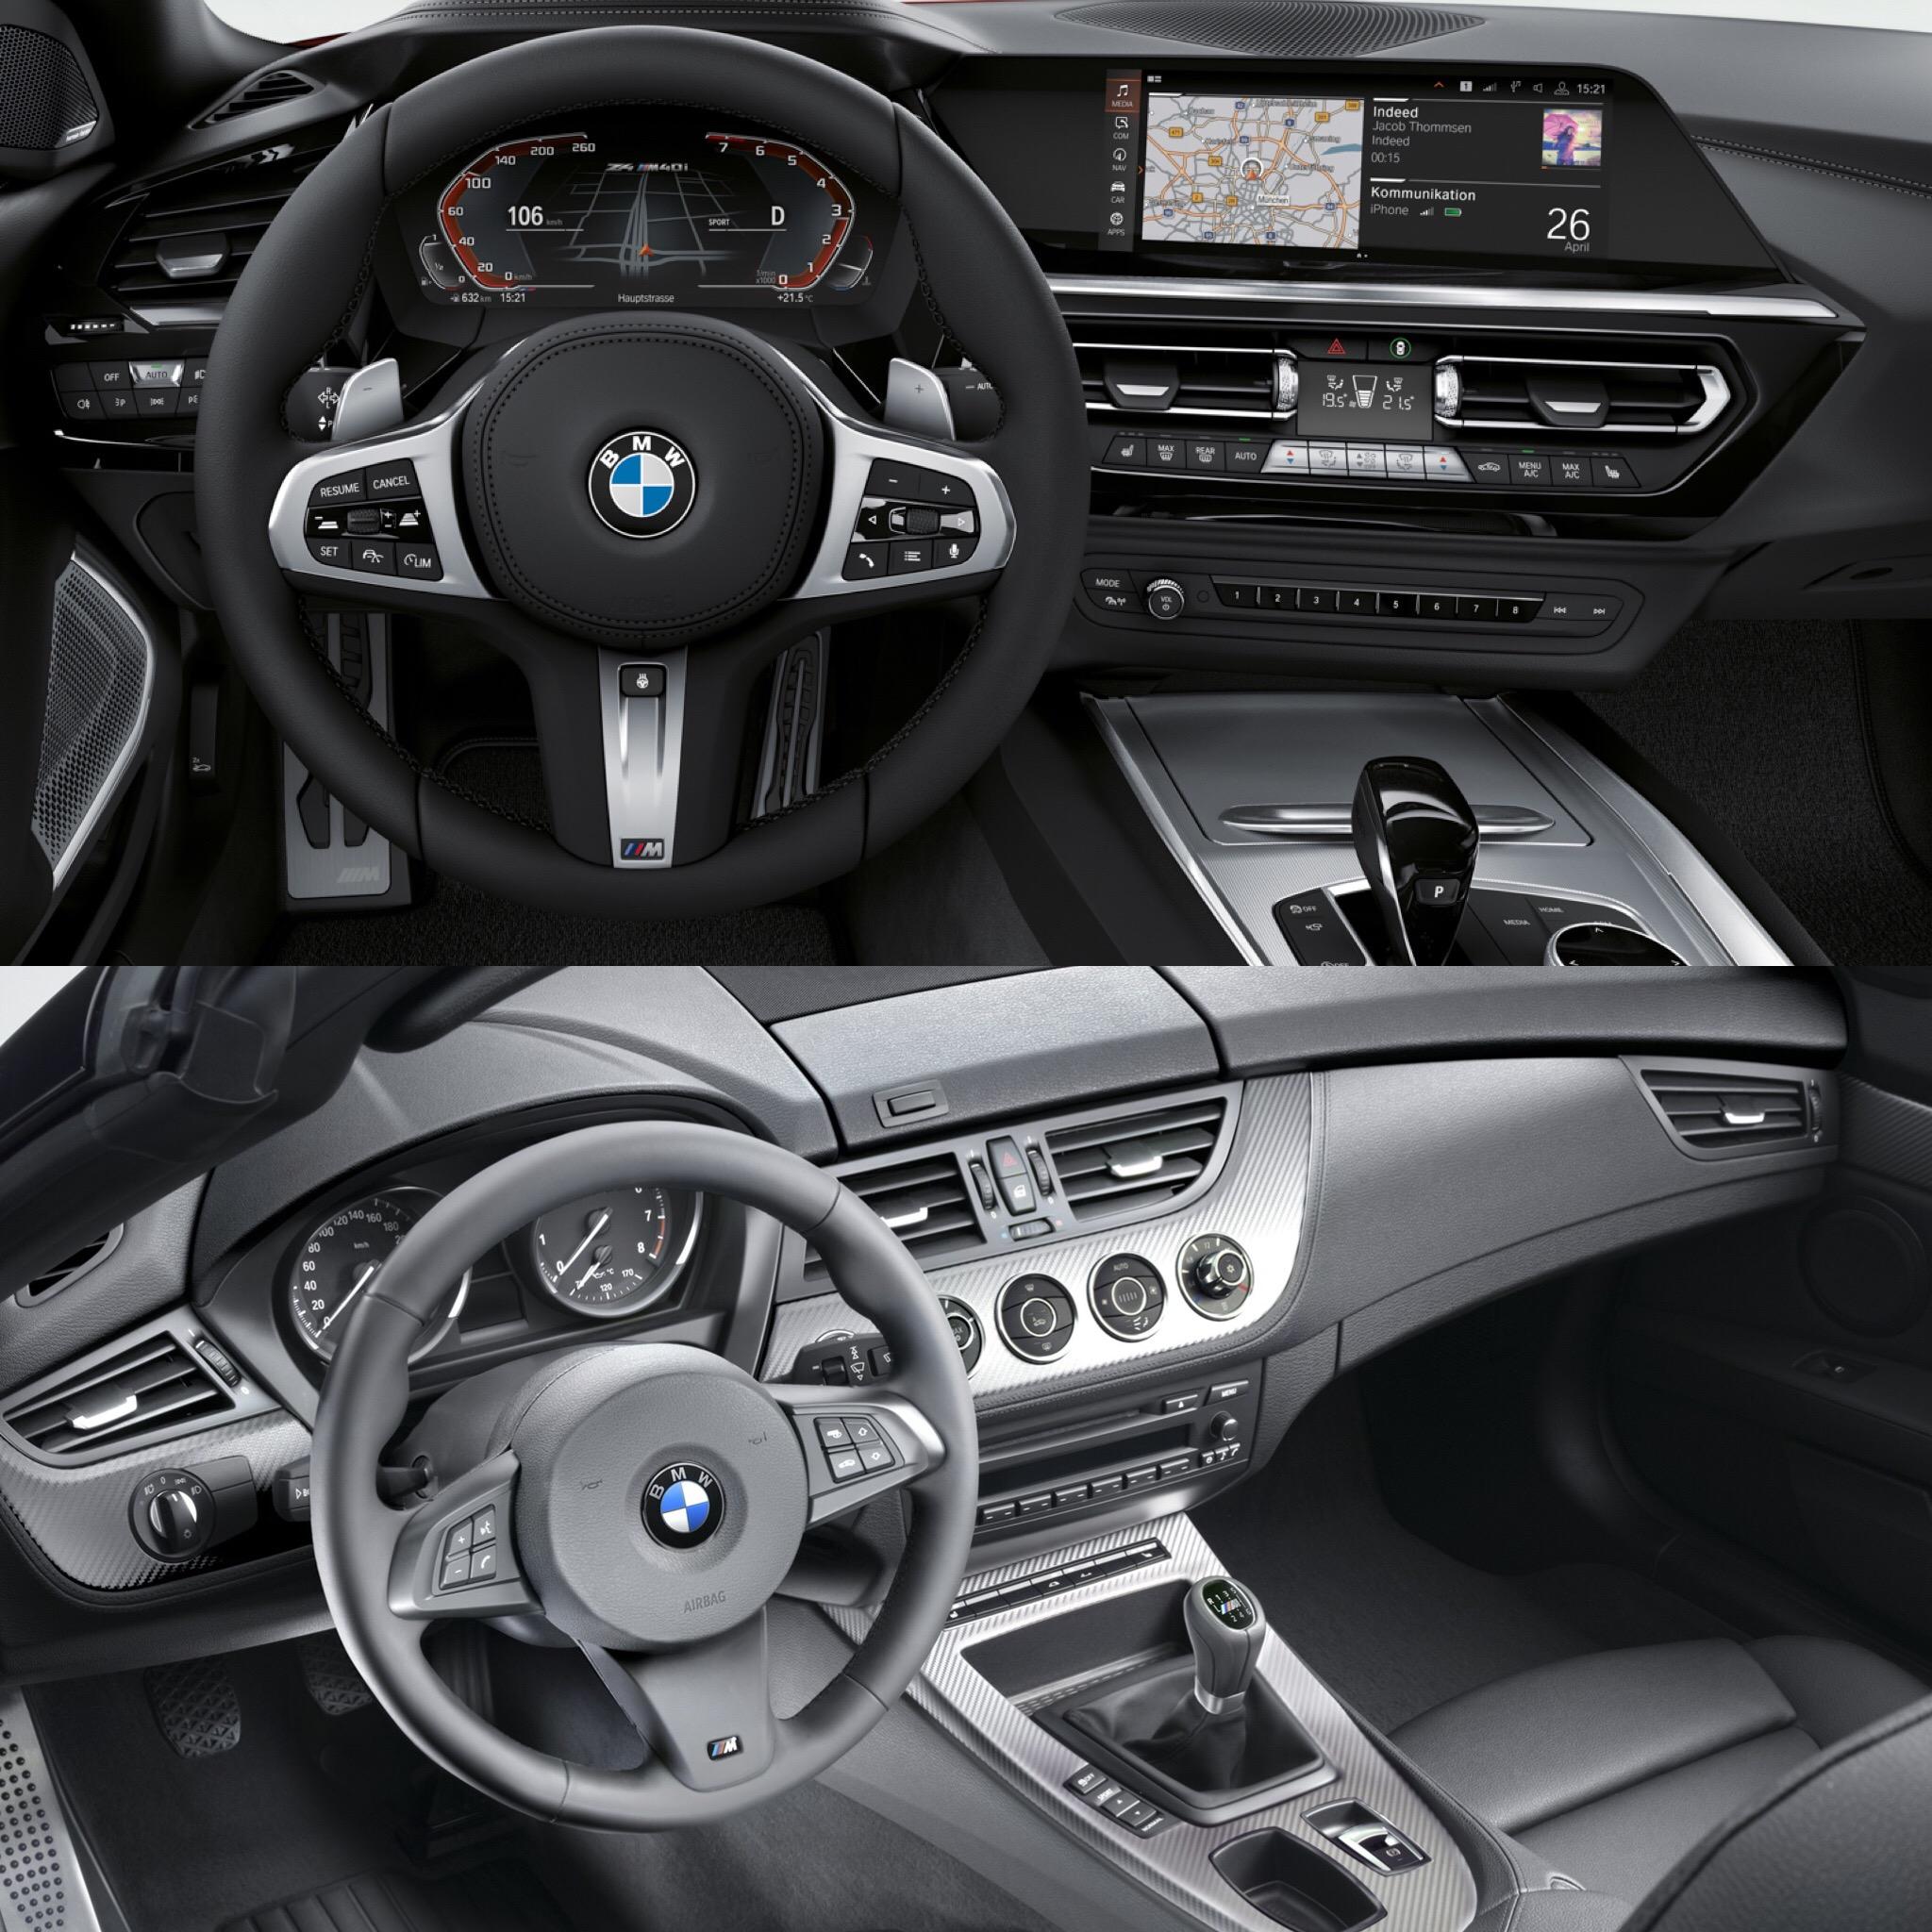 Bmw Z4 S: Photo Comparison: G29 BMW Z4 Vs E89 BMW Z4